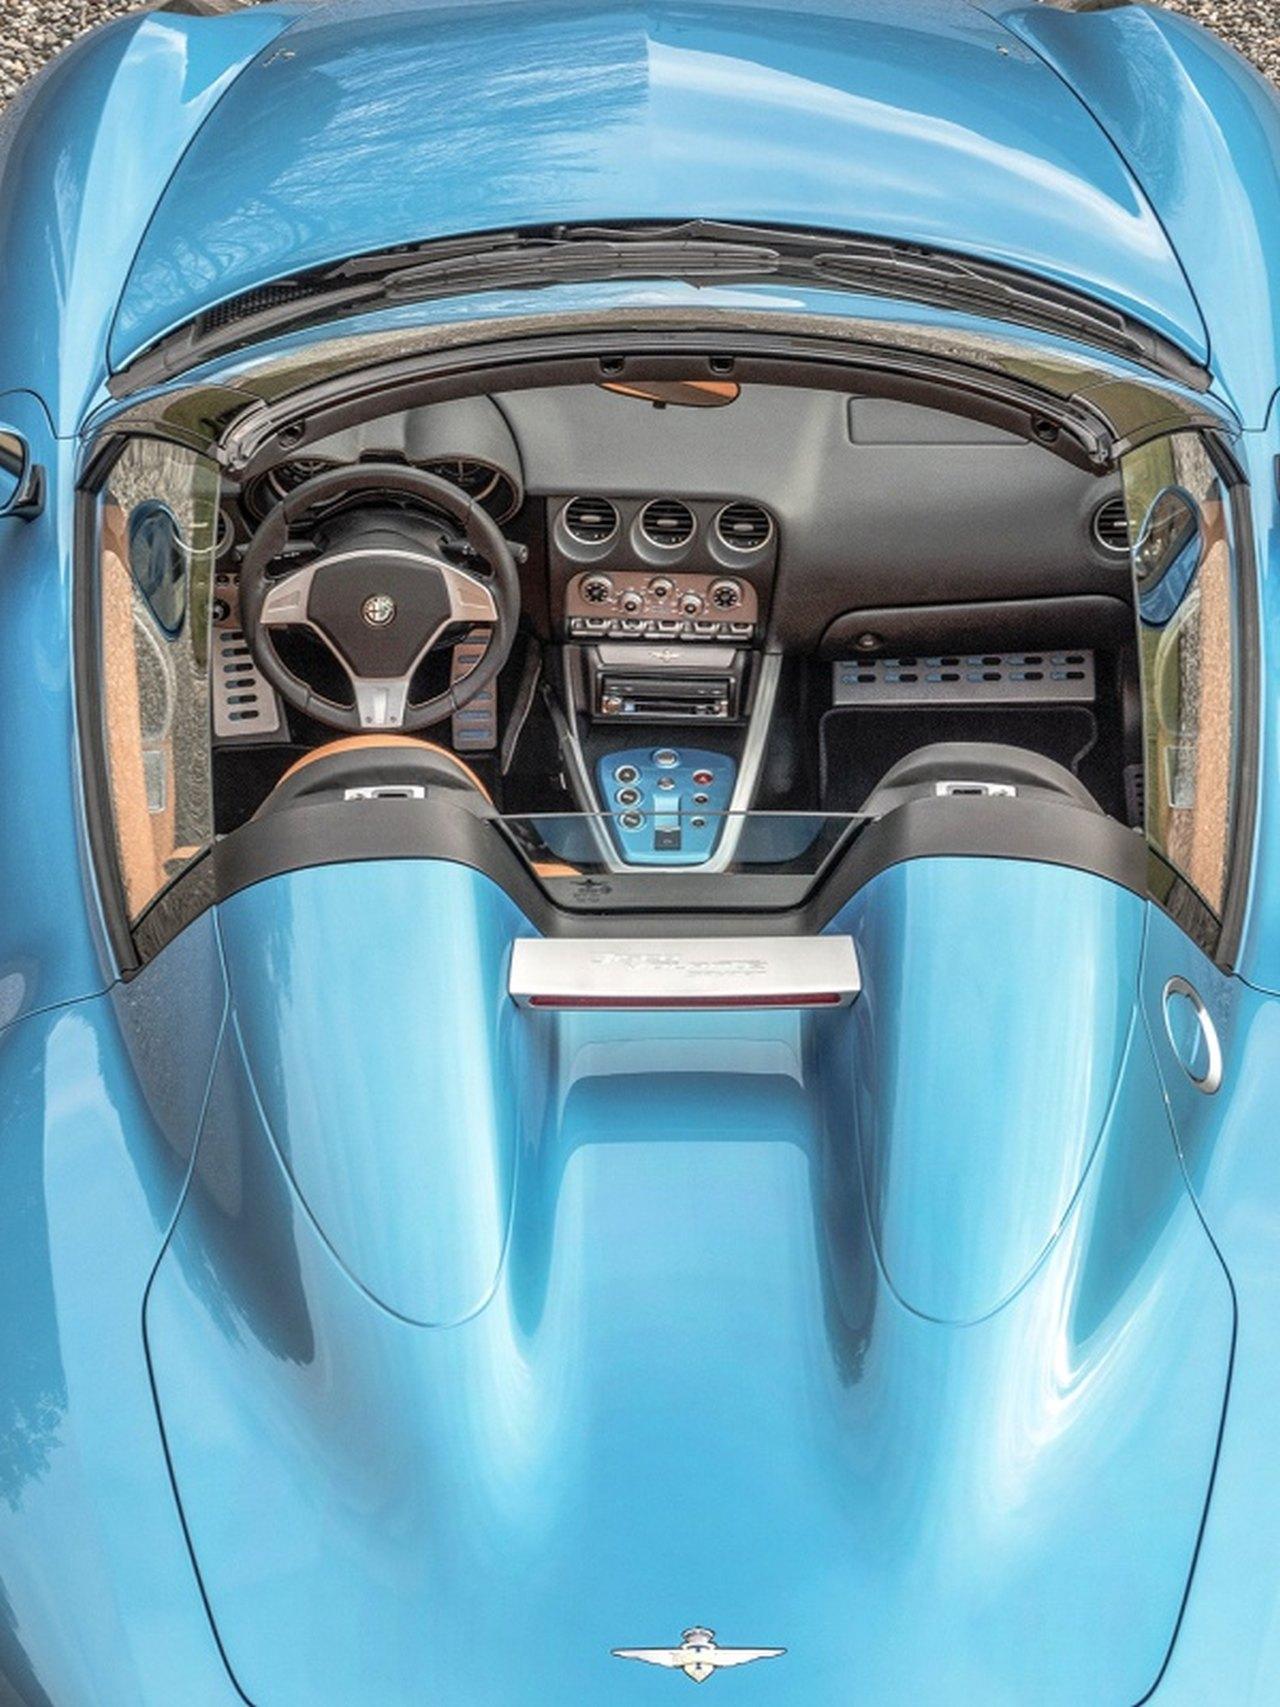 Touring Superleggera Disco Volante Spyder - 15